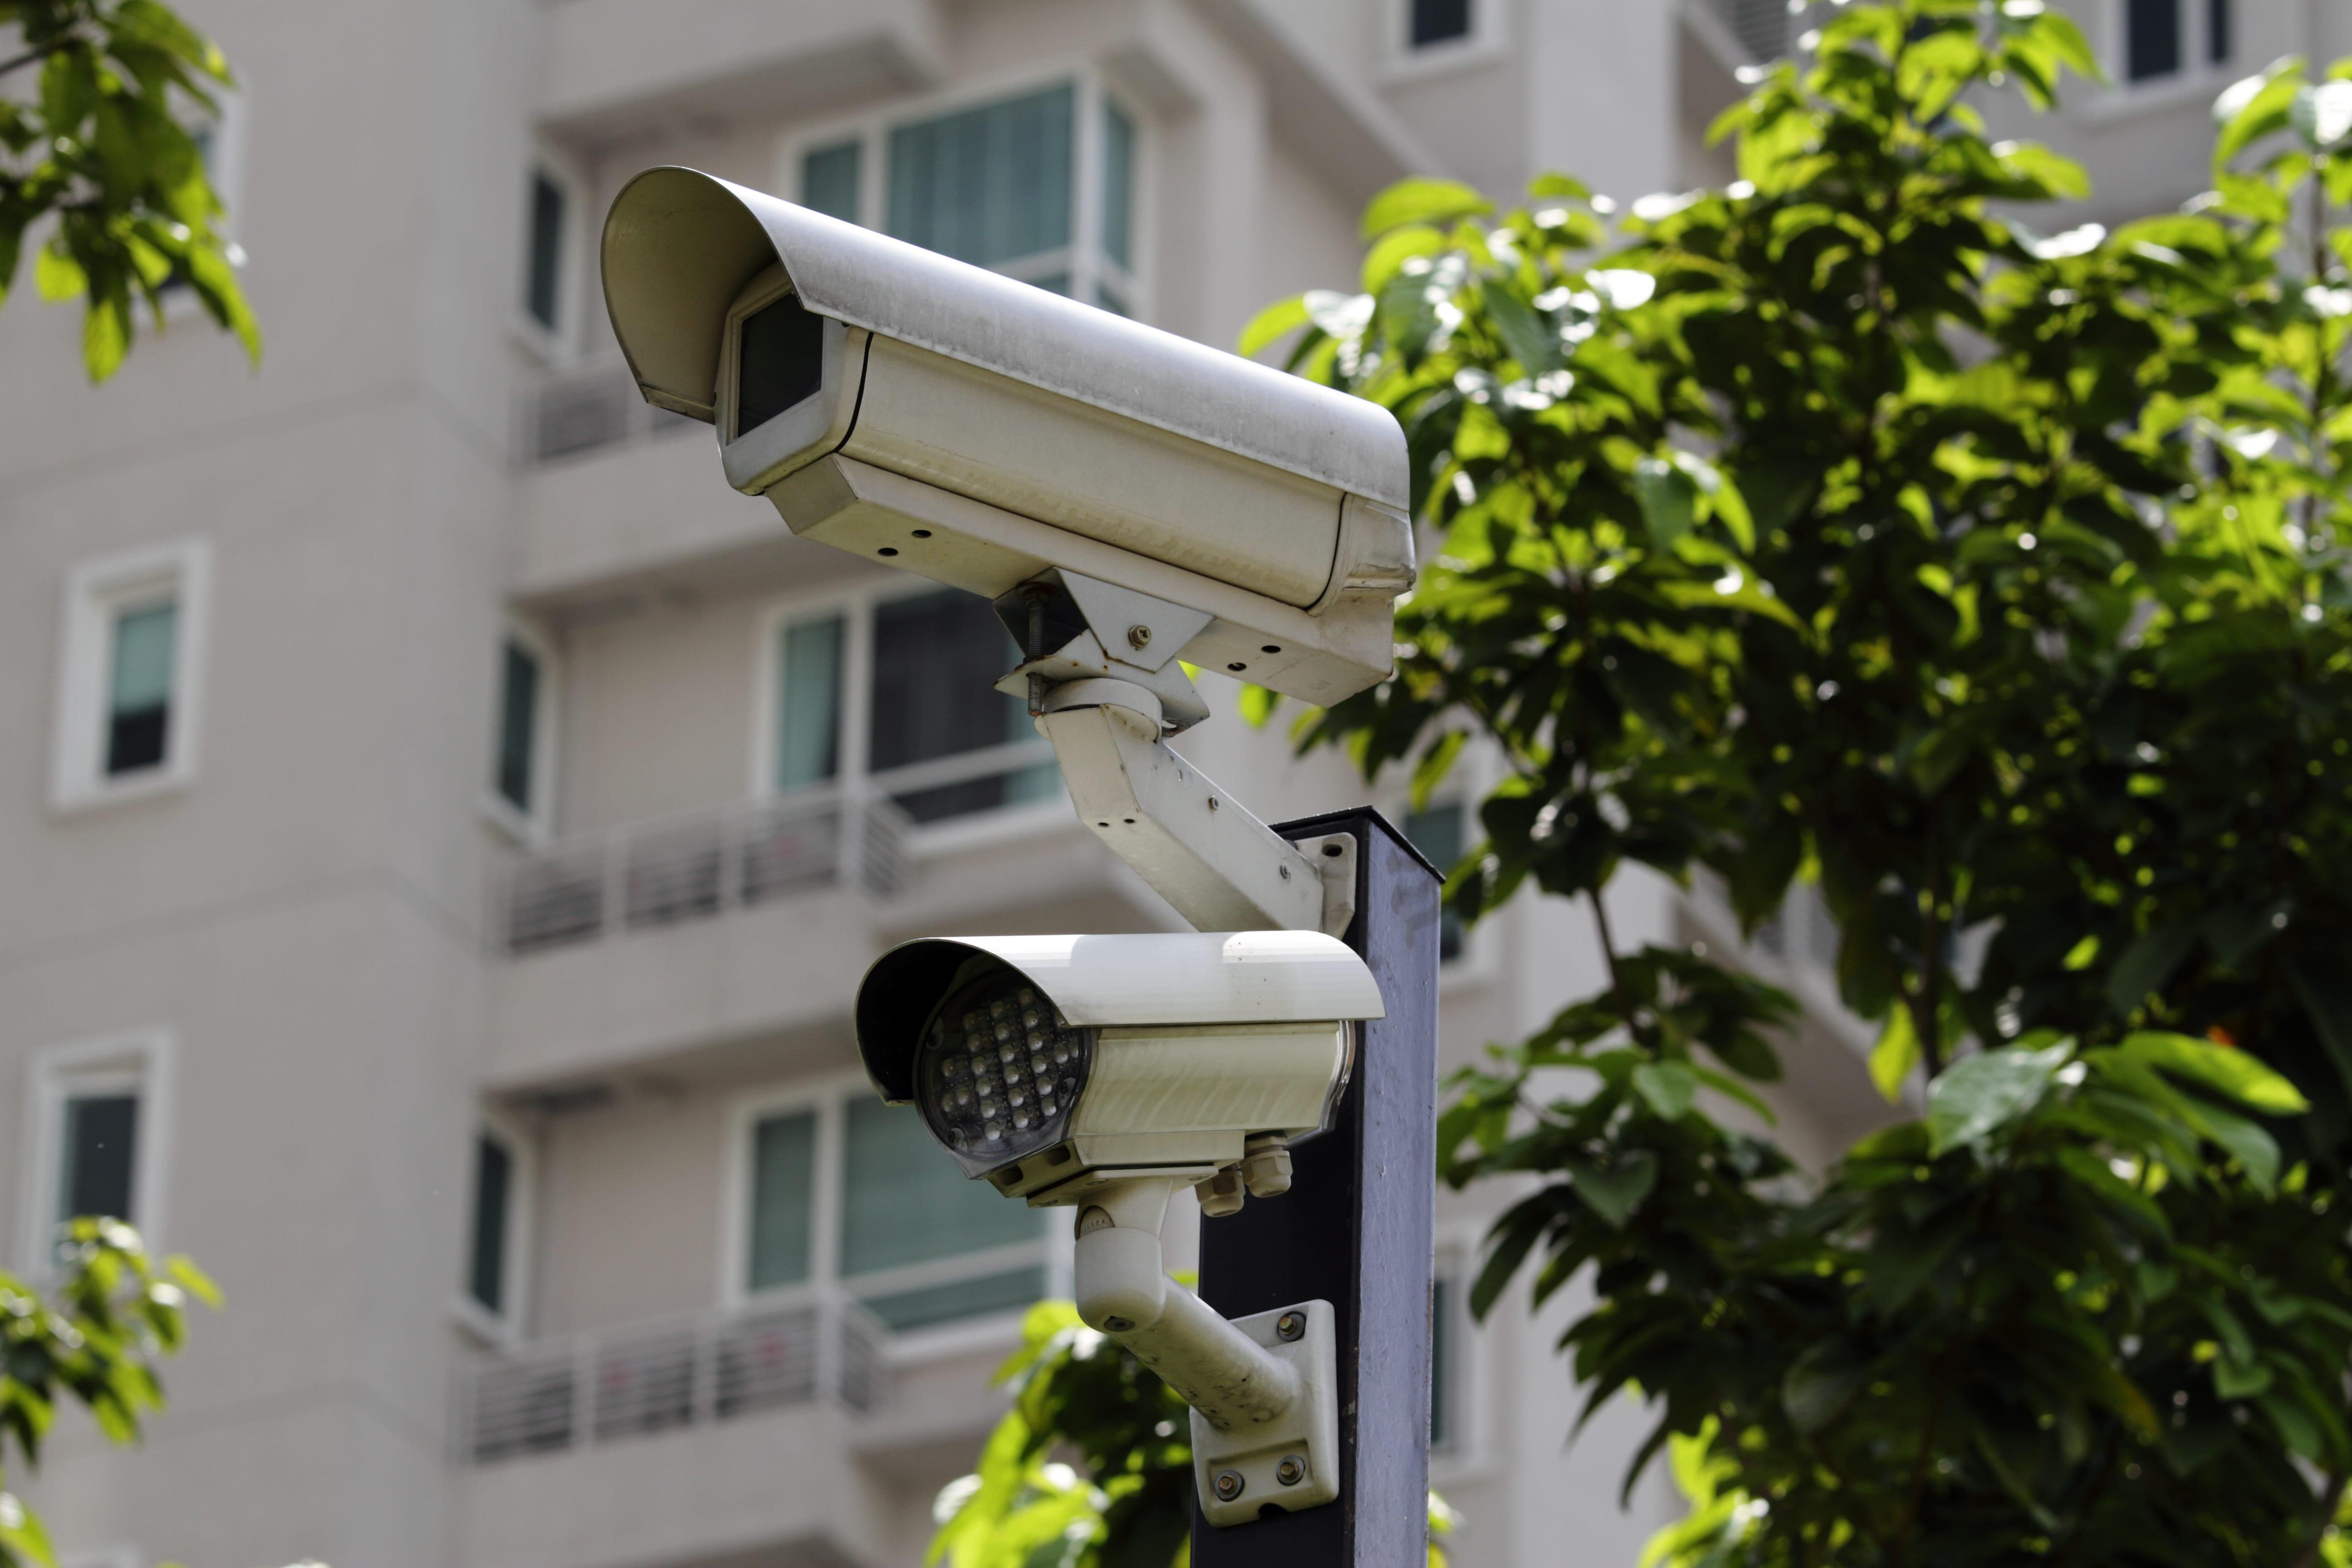 ¿Cómo la tecnología puede agregar valor a los procesos de seguridad en condominios y residenciales?